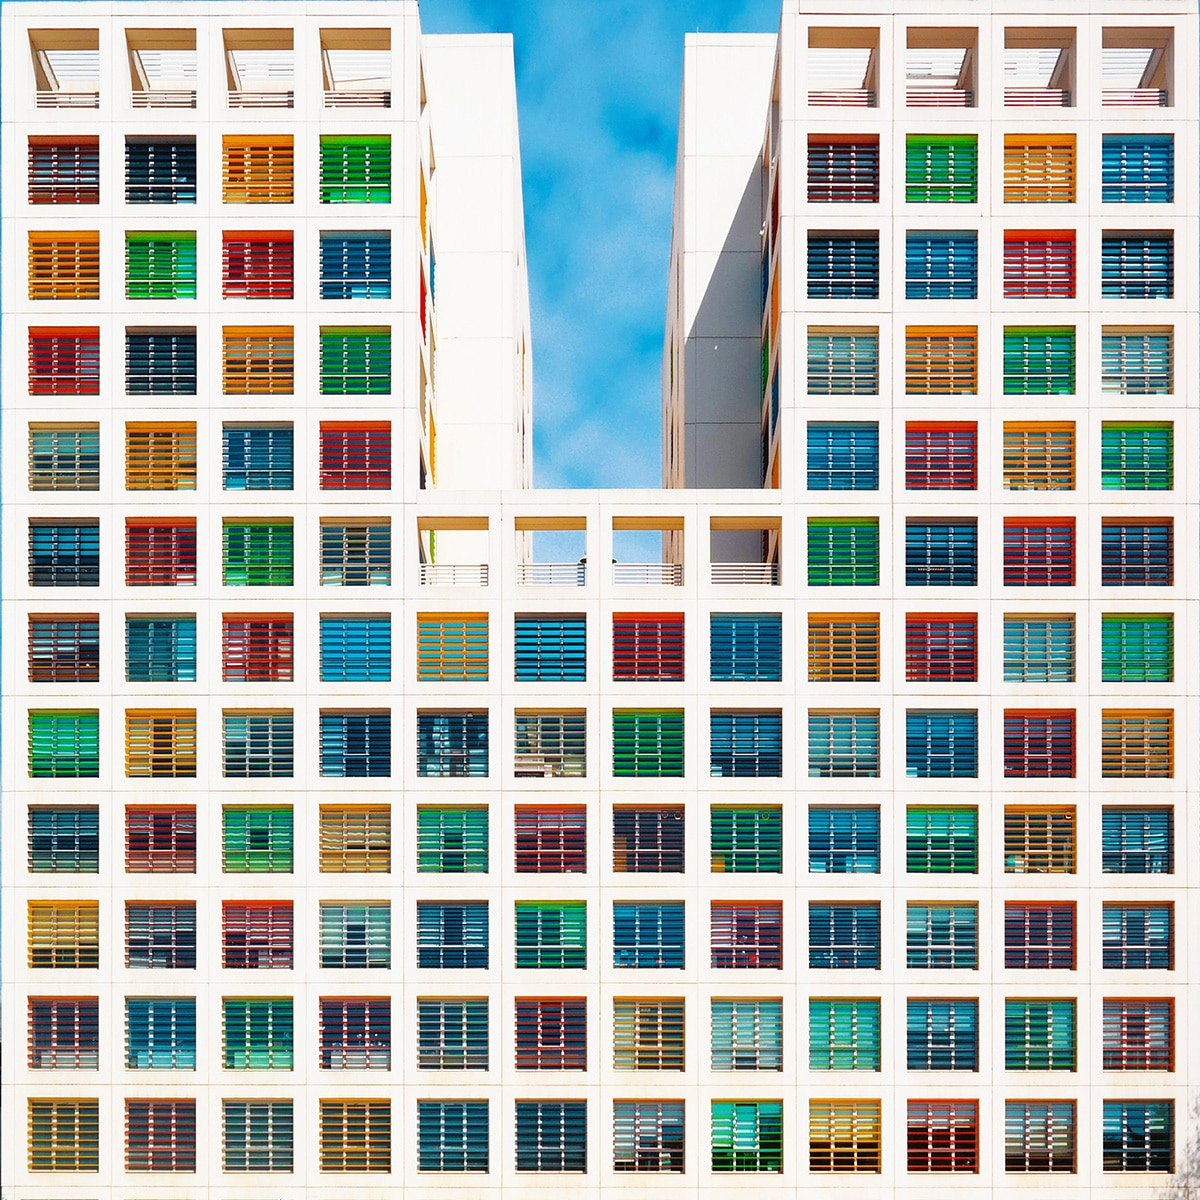 ფერადი კორპუსები, ფერადი ქუჩა, ფერადი შენობები, ფერადი სახლები, არქიტექტურა, ურბანზიაცია, qwelly, art, არტი, ბლოგი